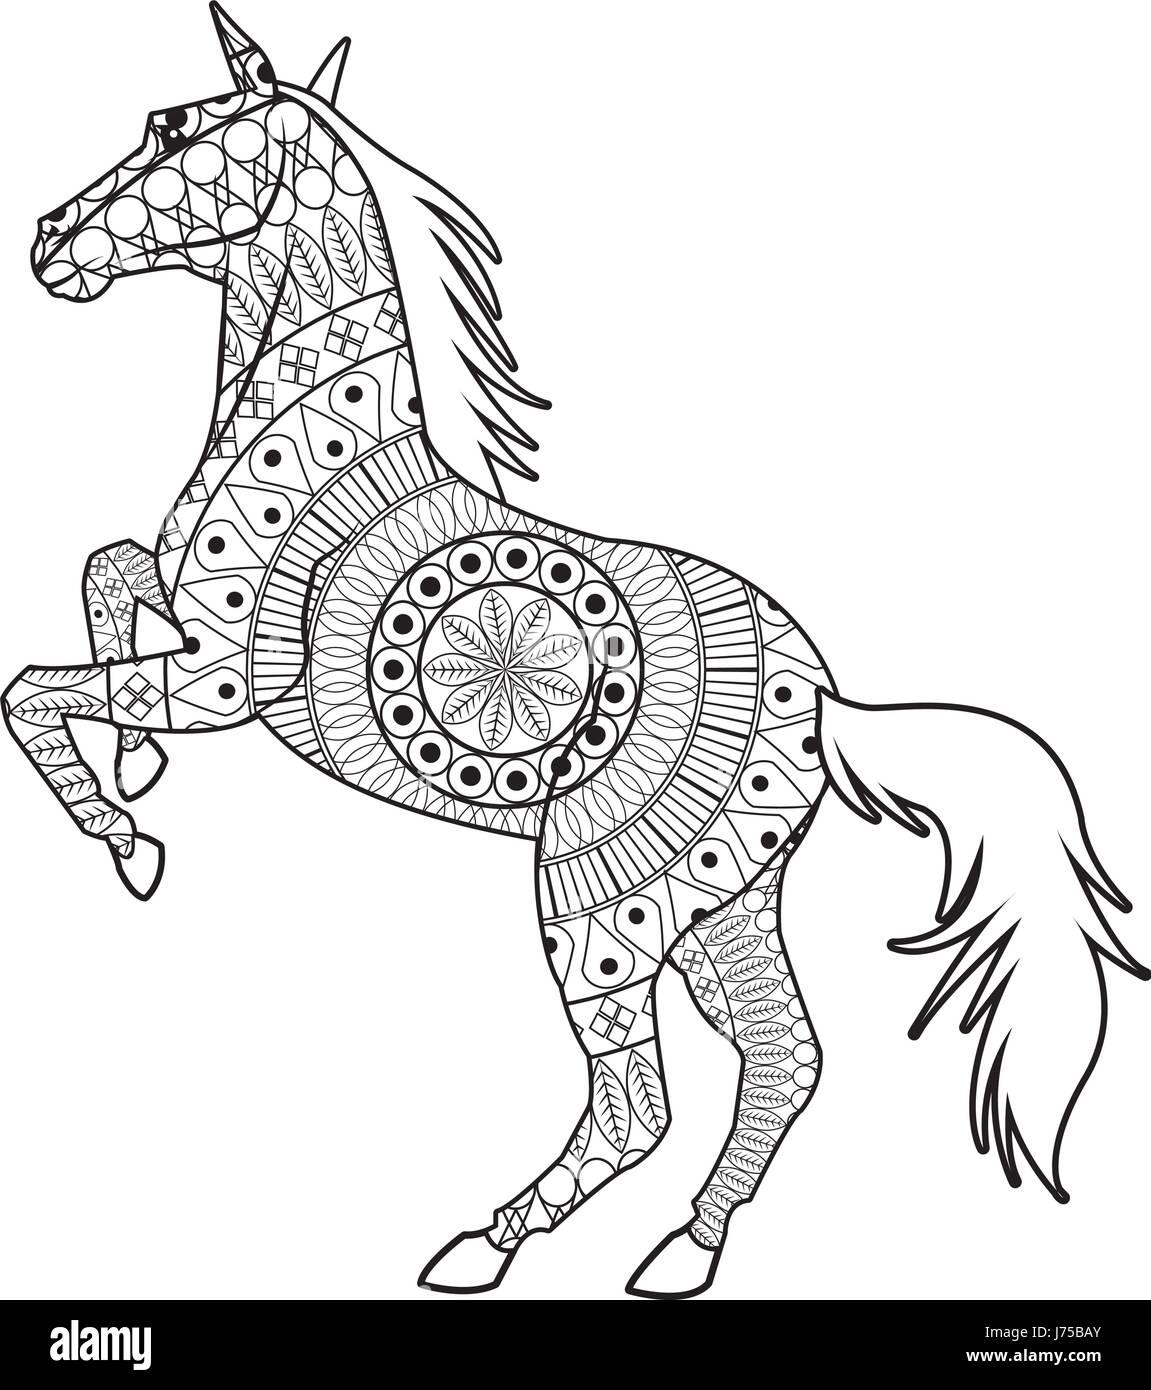 horse on two legs  mandala decoration animal image stock